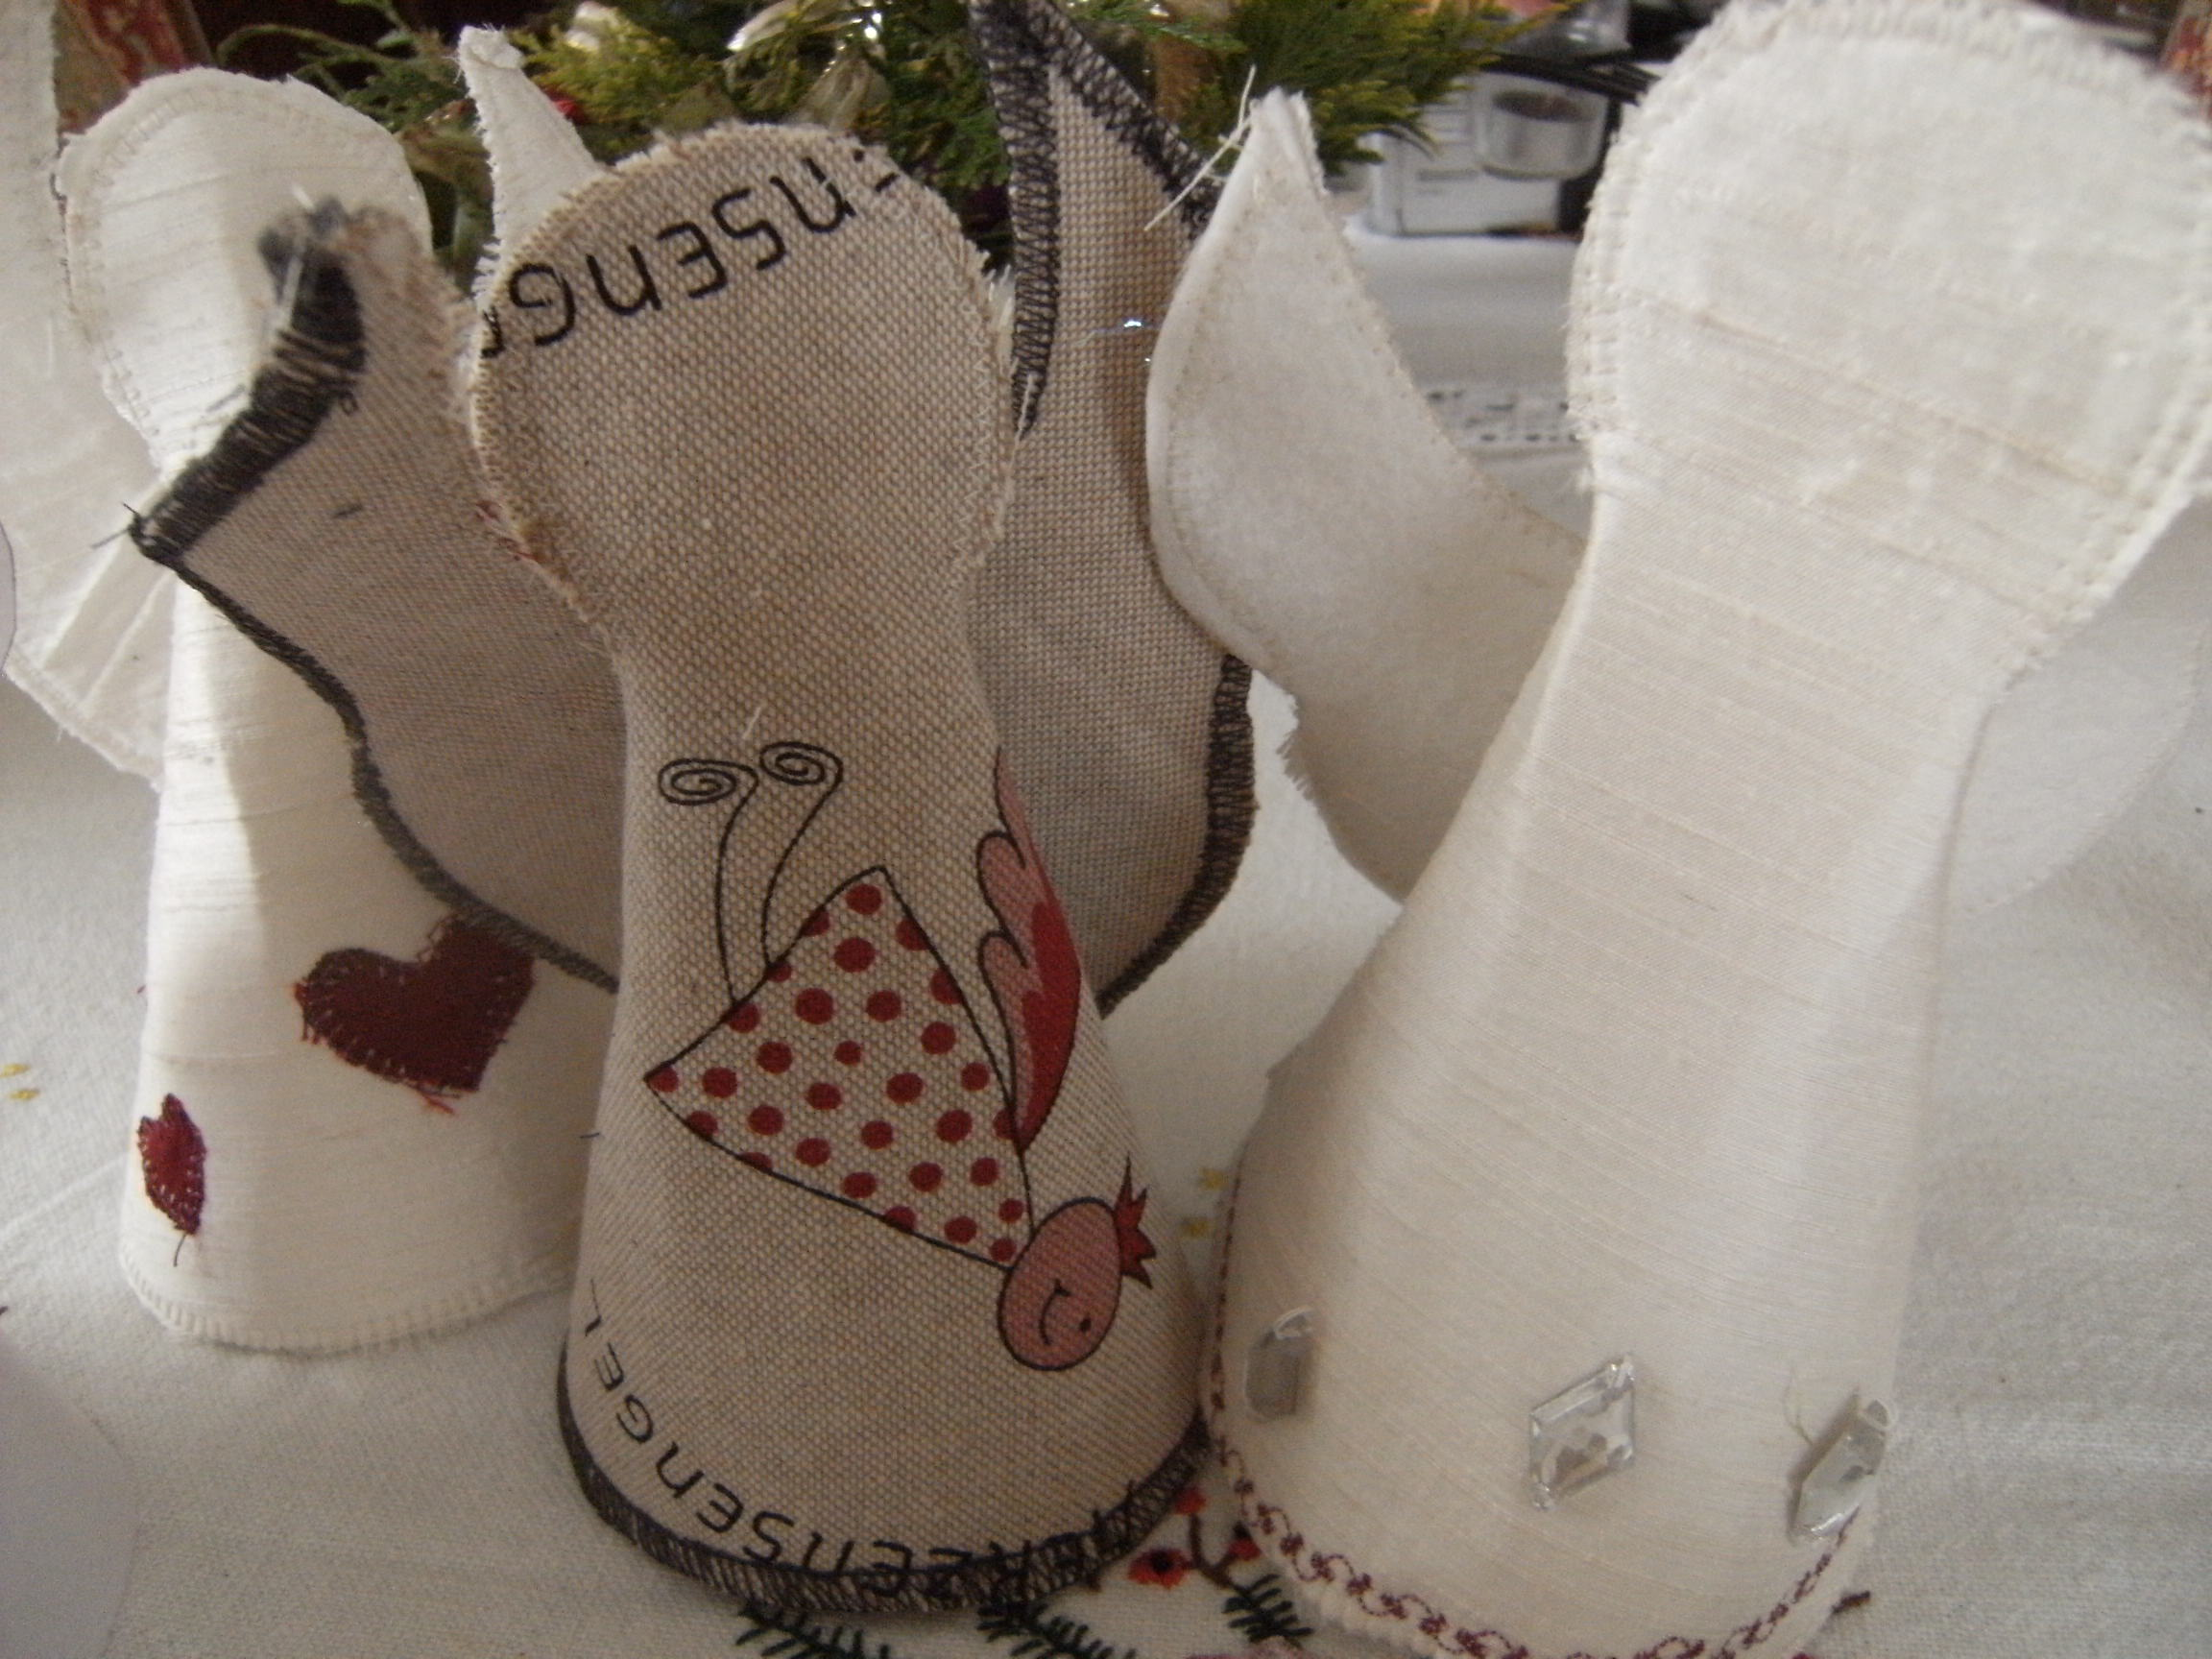 anges-decembre-2010-munster-017.jpg